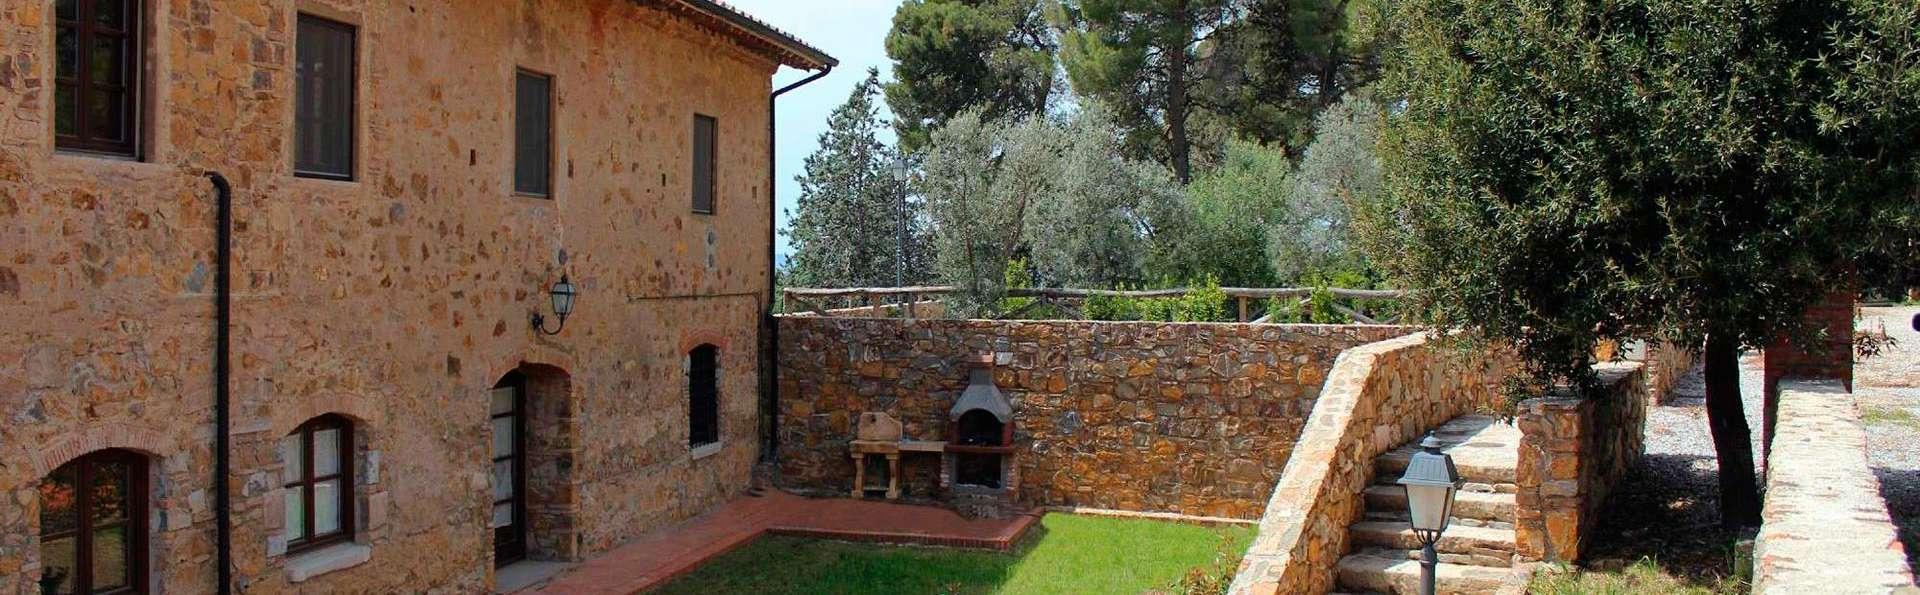 Antico Borgo Casalappi - edit_front2.jpg